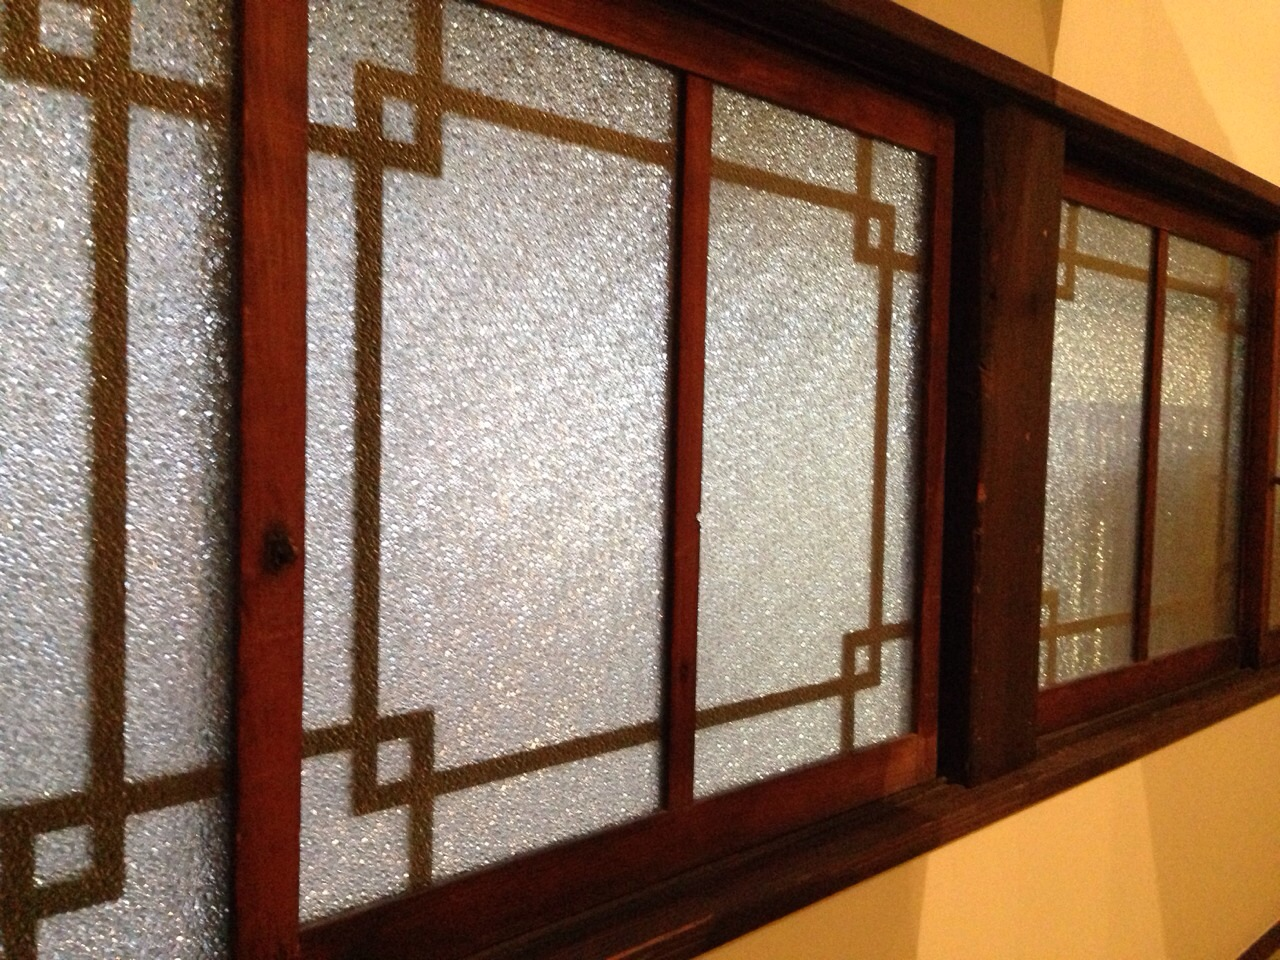 ゲストハウス白 - Guest House Shiro _c0110051_9435968.jpg